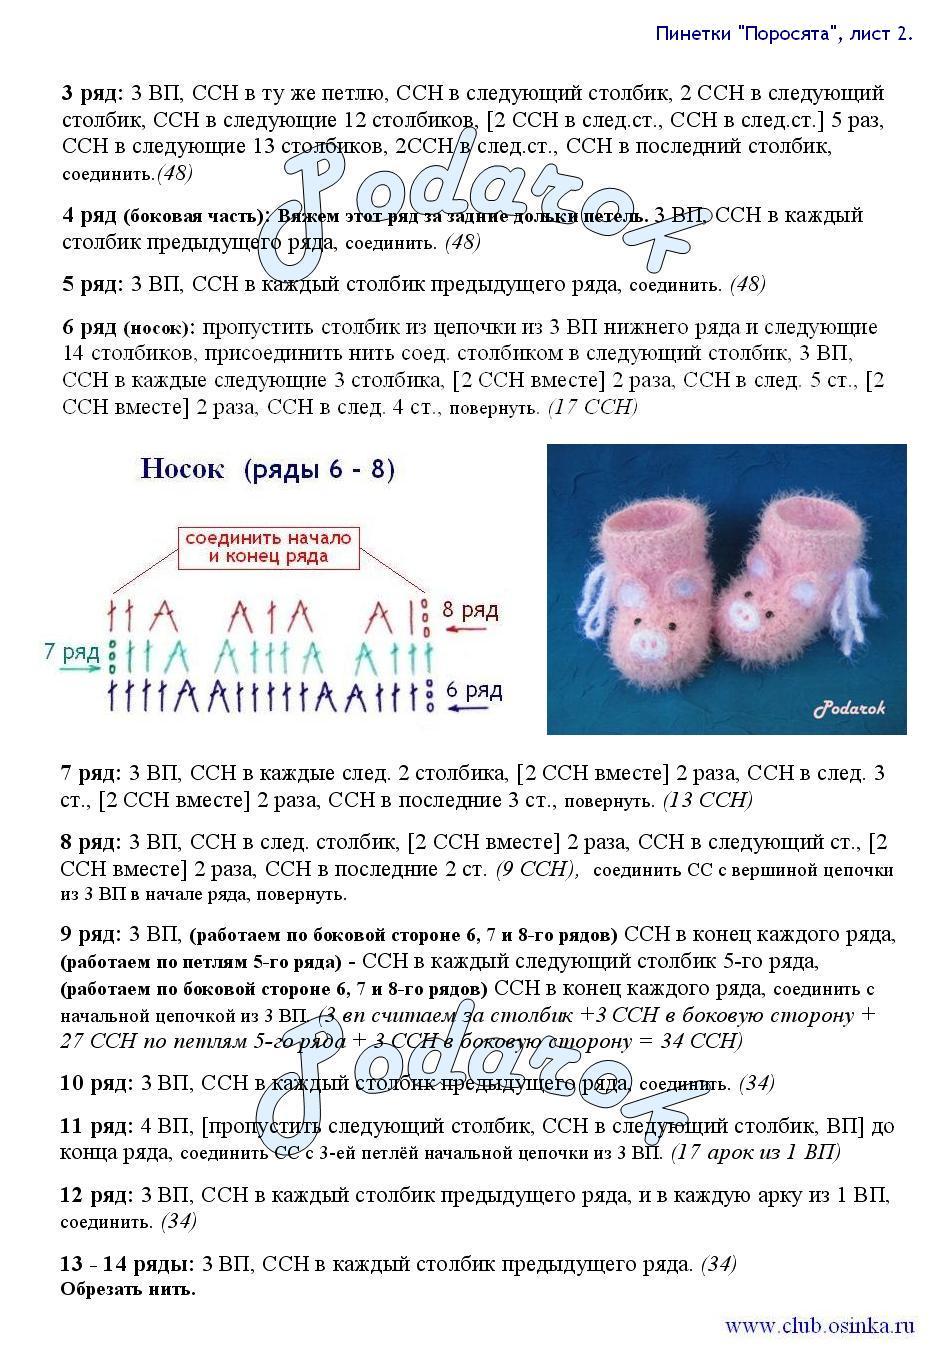 Пинетки описание и схемой